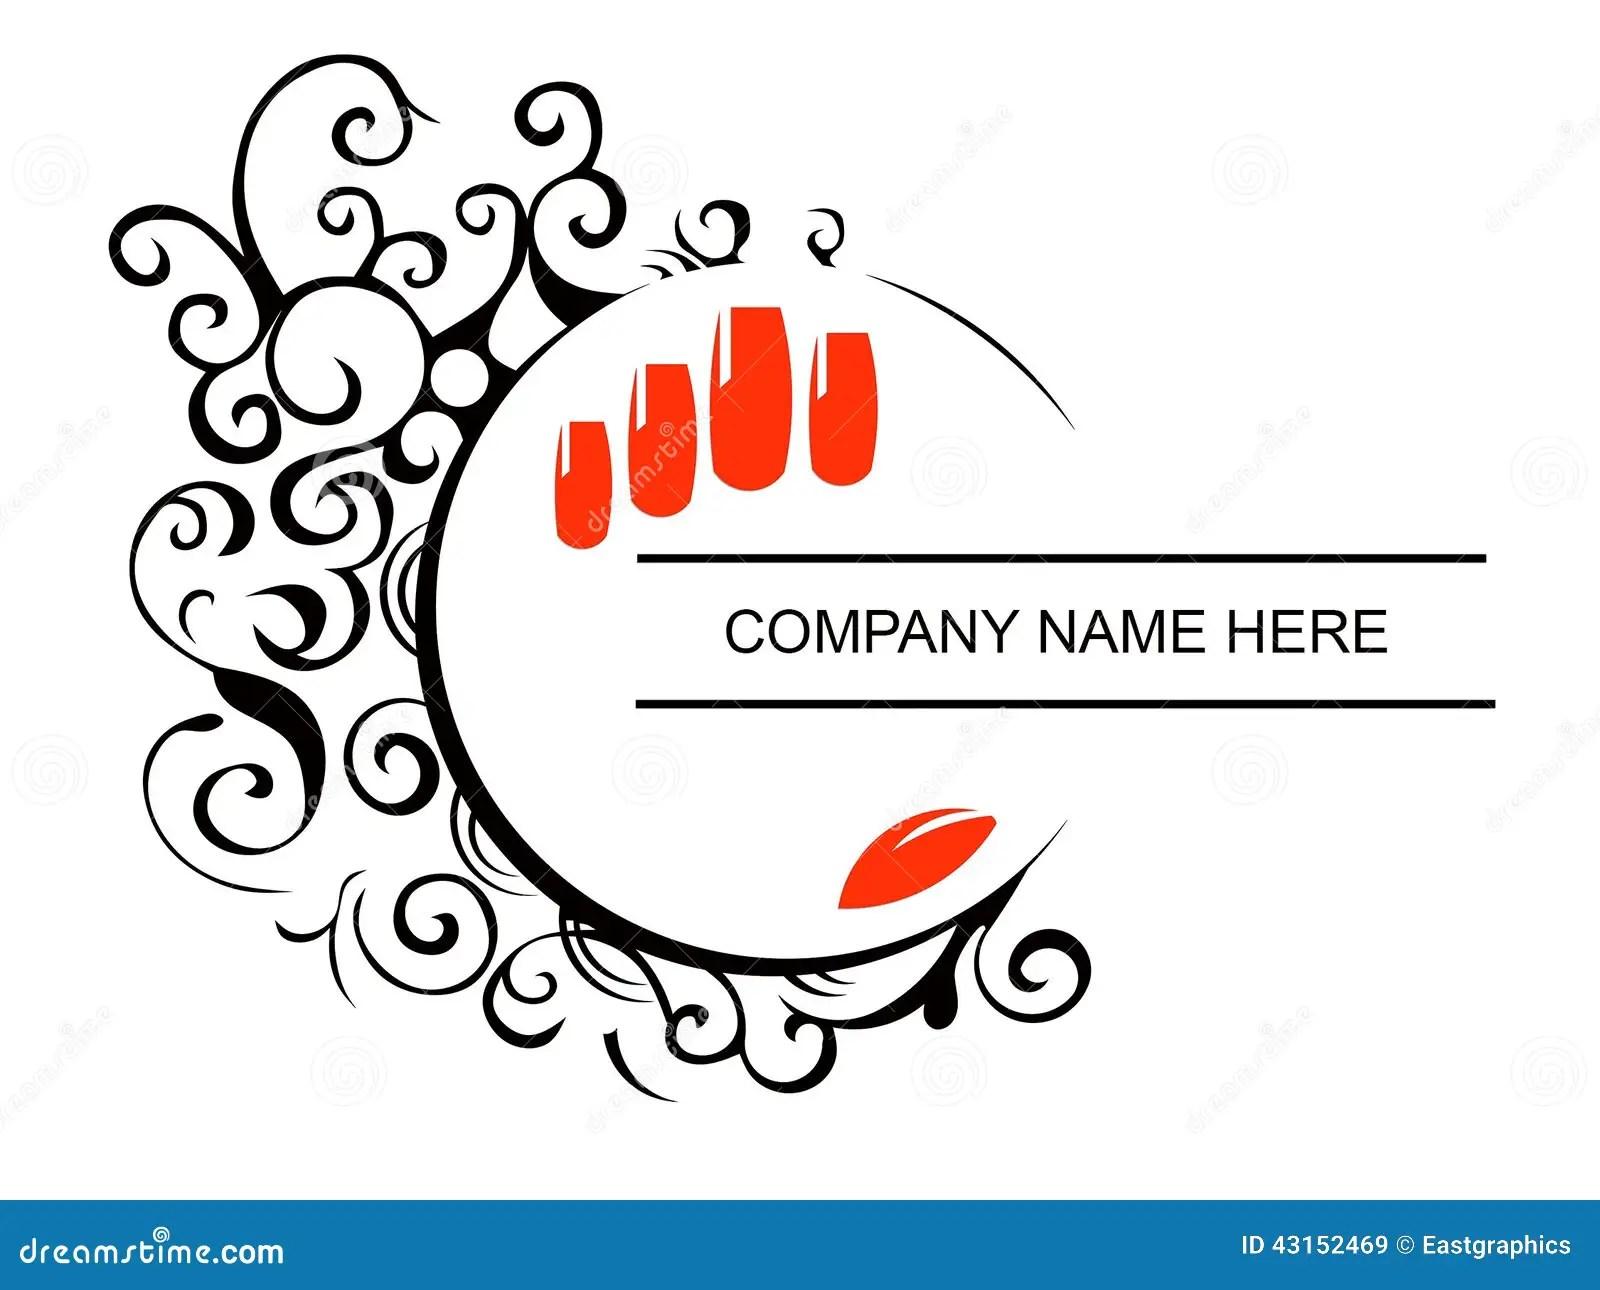 Cute Nail Arts Wallpaper Nails Salon Logo Stock Vector Image 43152469